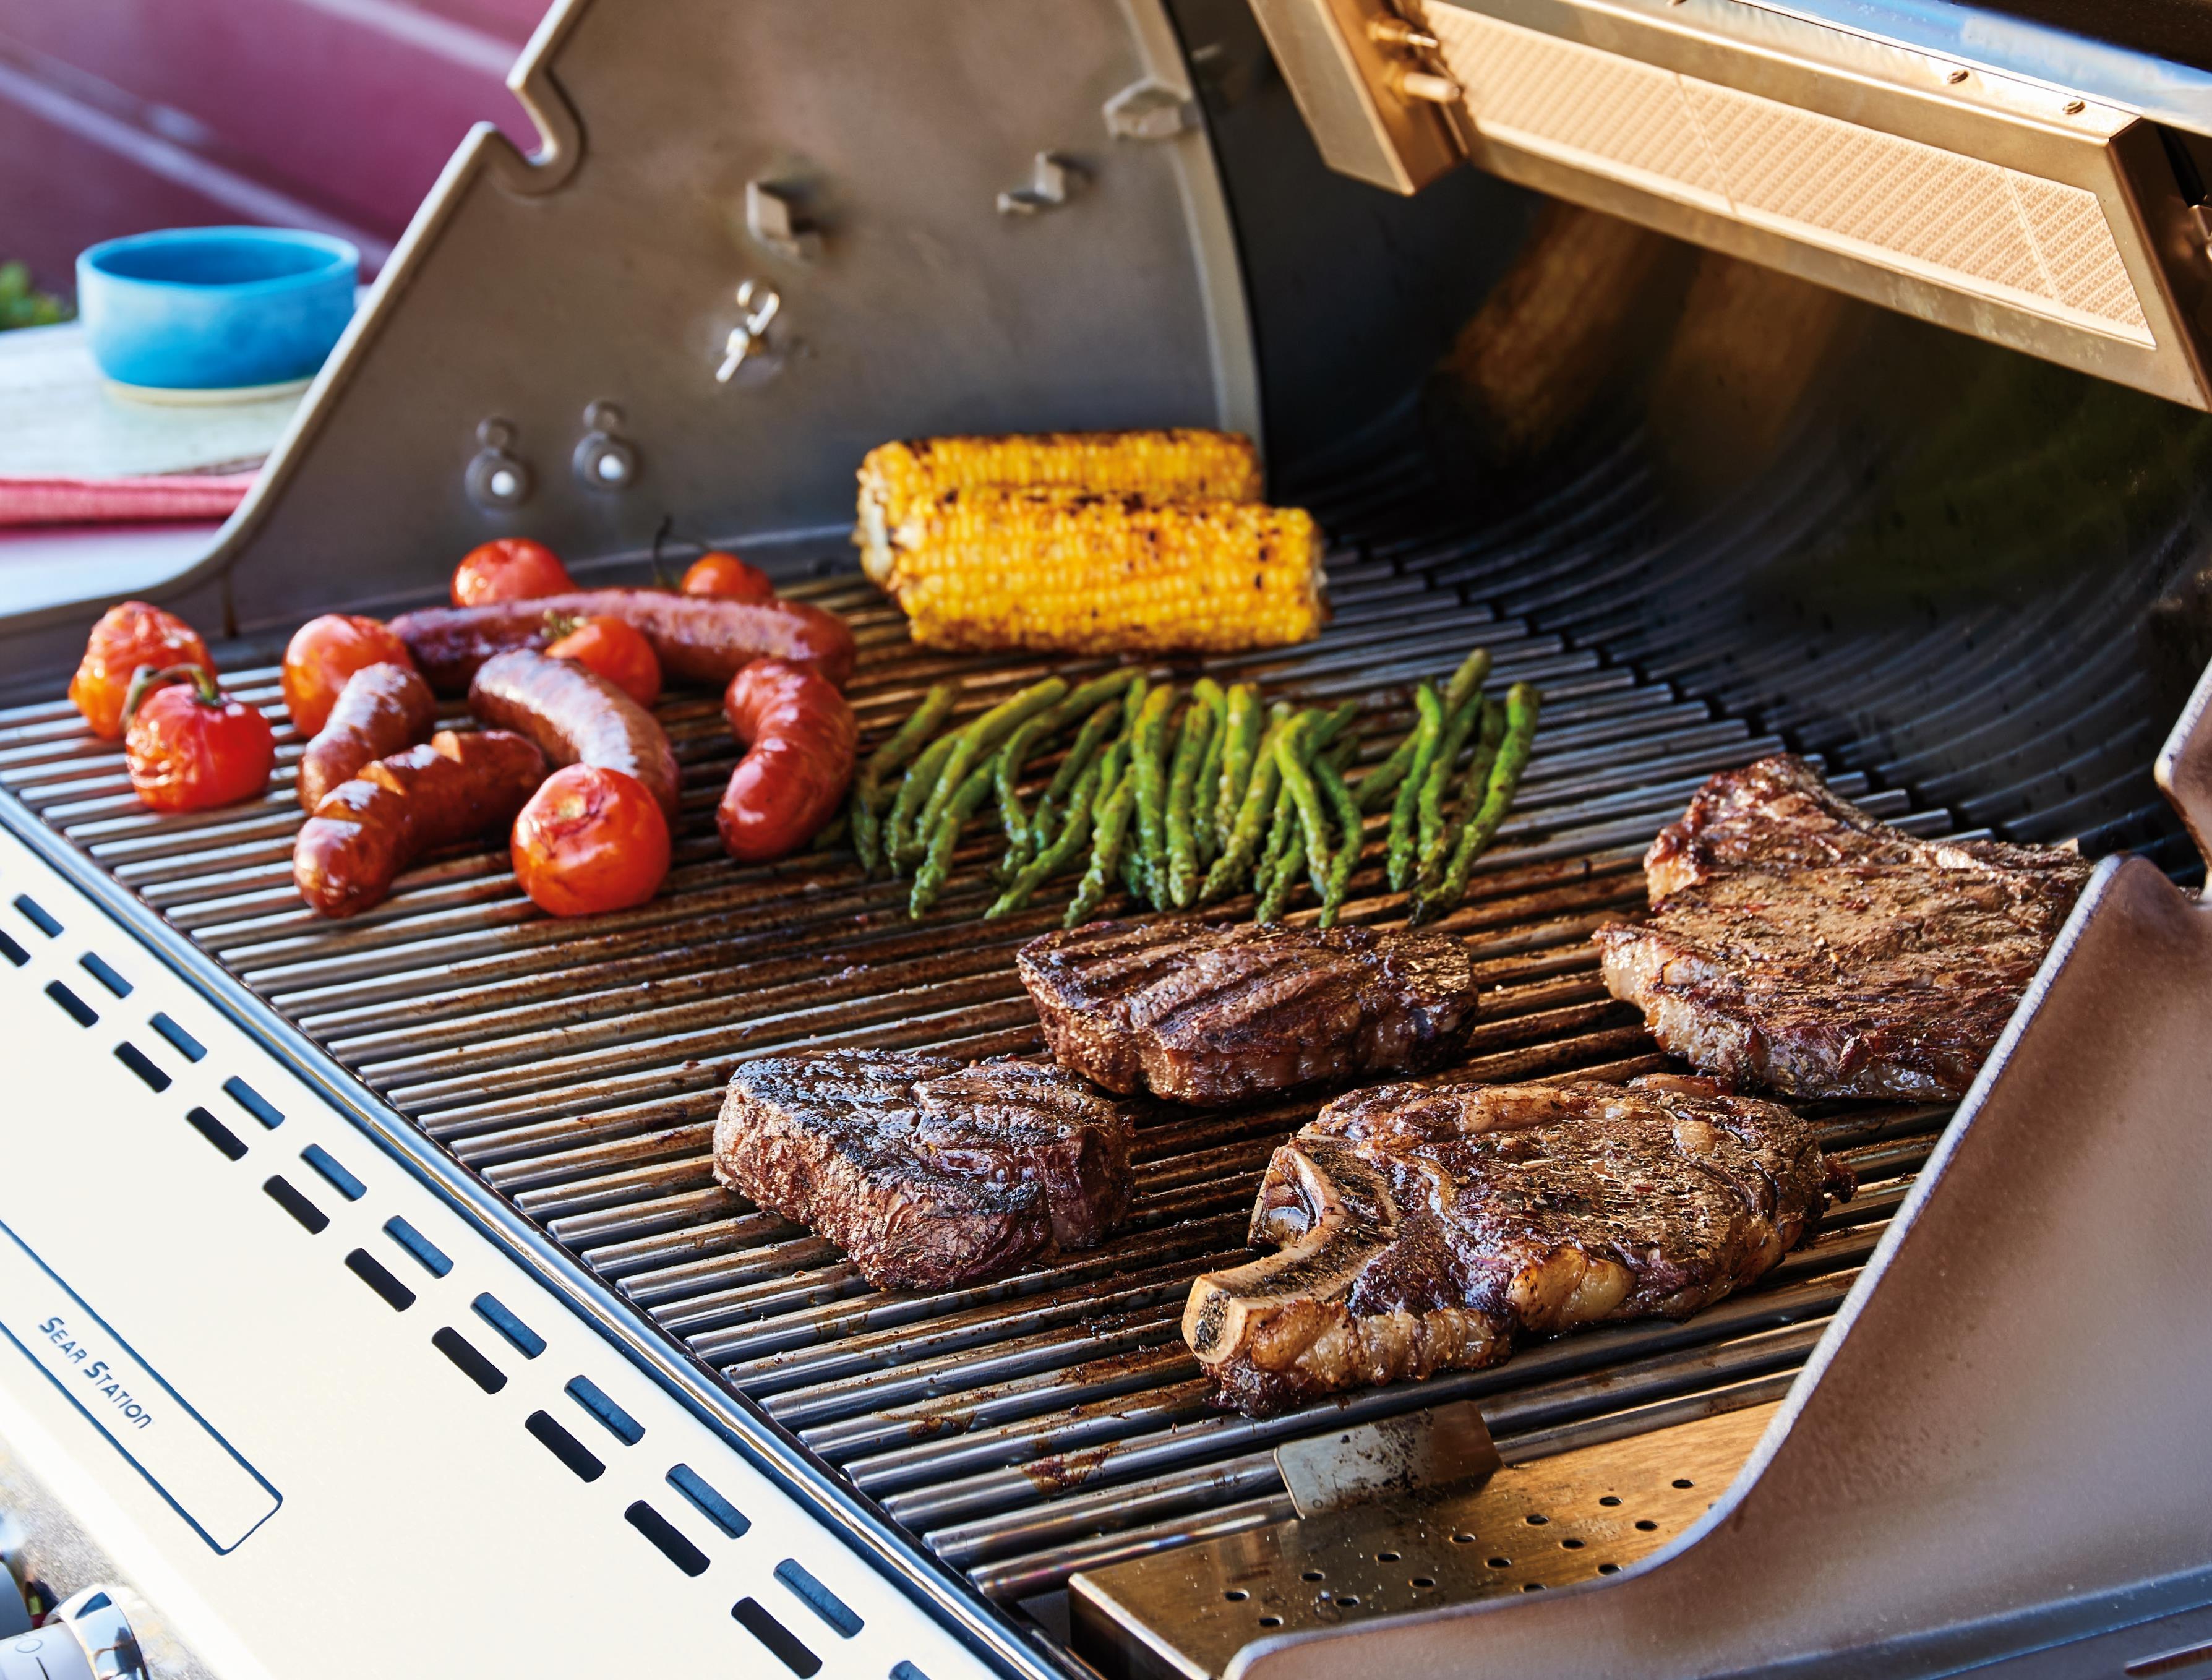 Webers største grillhits, webergrill, grillmad, grillning, lad mig grille, jeg elsker at grille, please lad os grille, bøffer på grillen, kylling på grillen, vi elsker at grille, danmark som grillnation, flot grillbog, grill den her, grillsalat, kulgrill, gasgrill, kuglegrill, tøndegrill, alt med grill